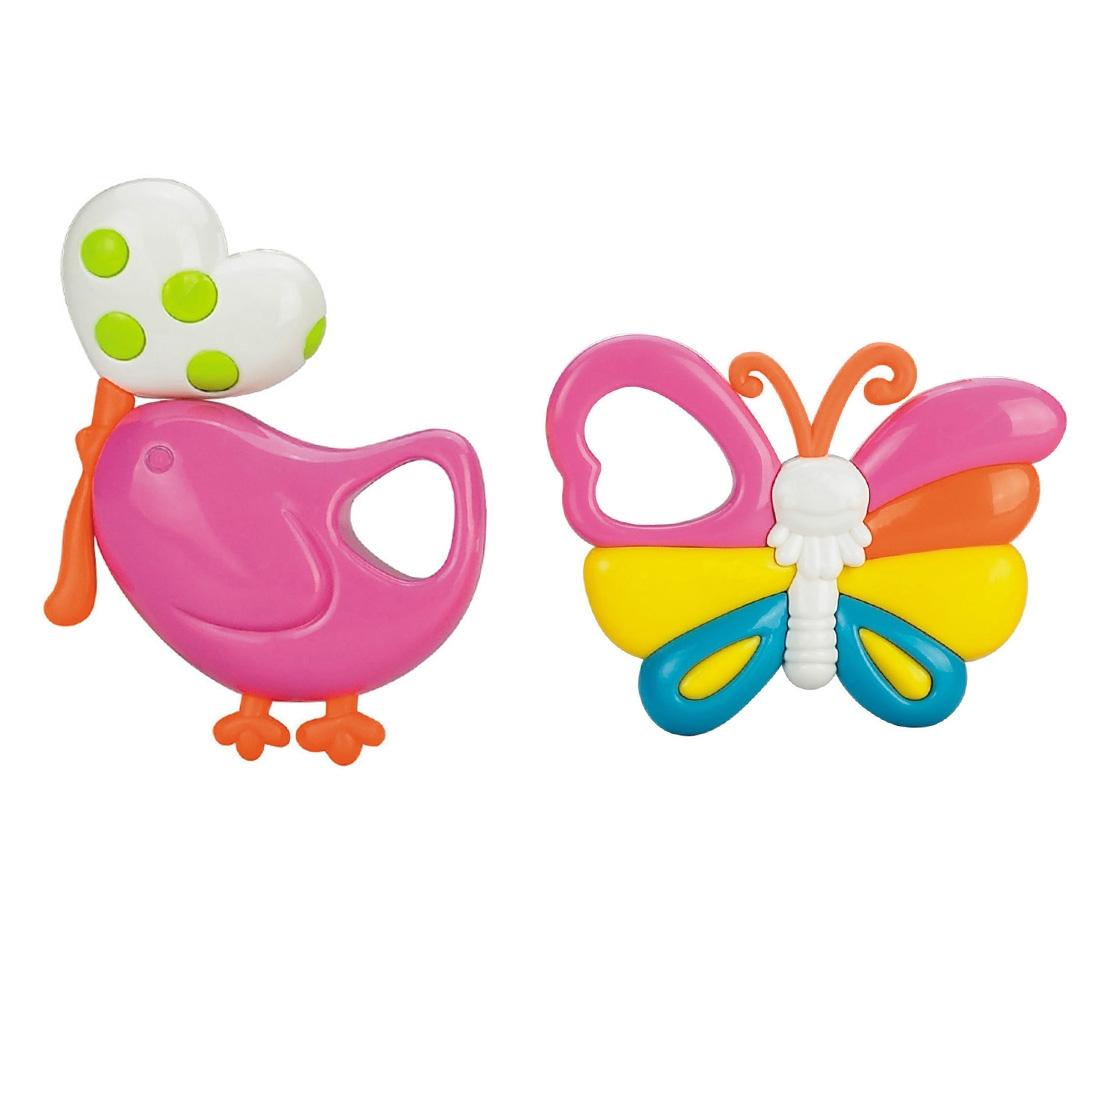 Погремушка Наша игрушка Птичка и бабочка macik погремушка птичка с колечками